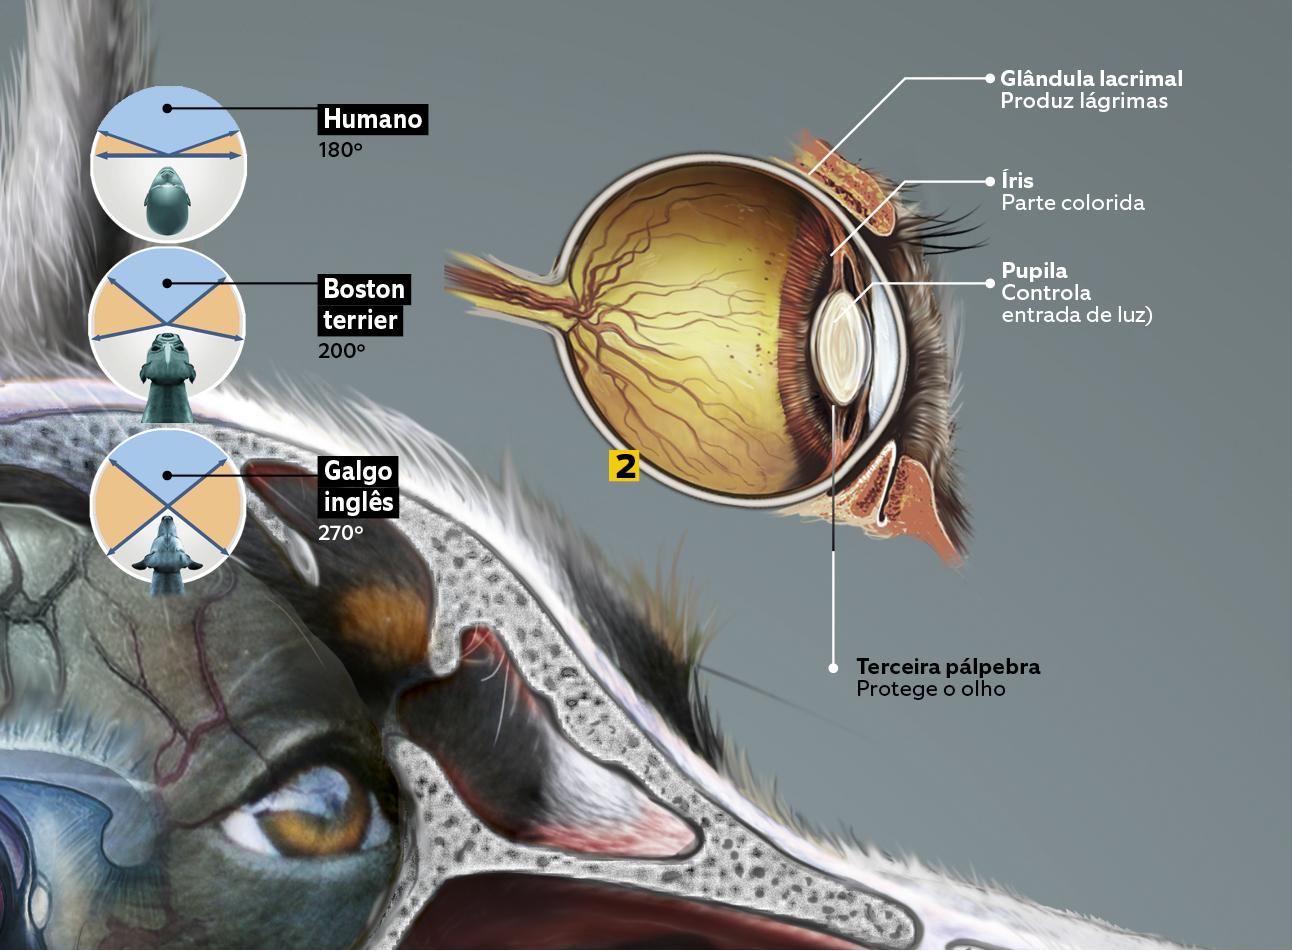 cães 6 - sentidos - visão